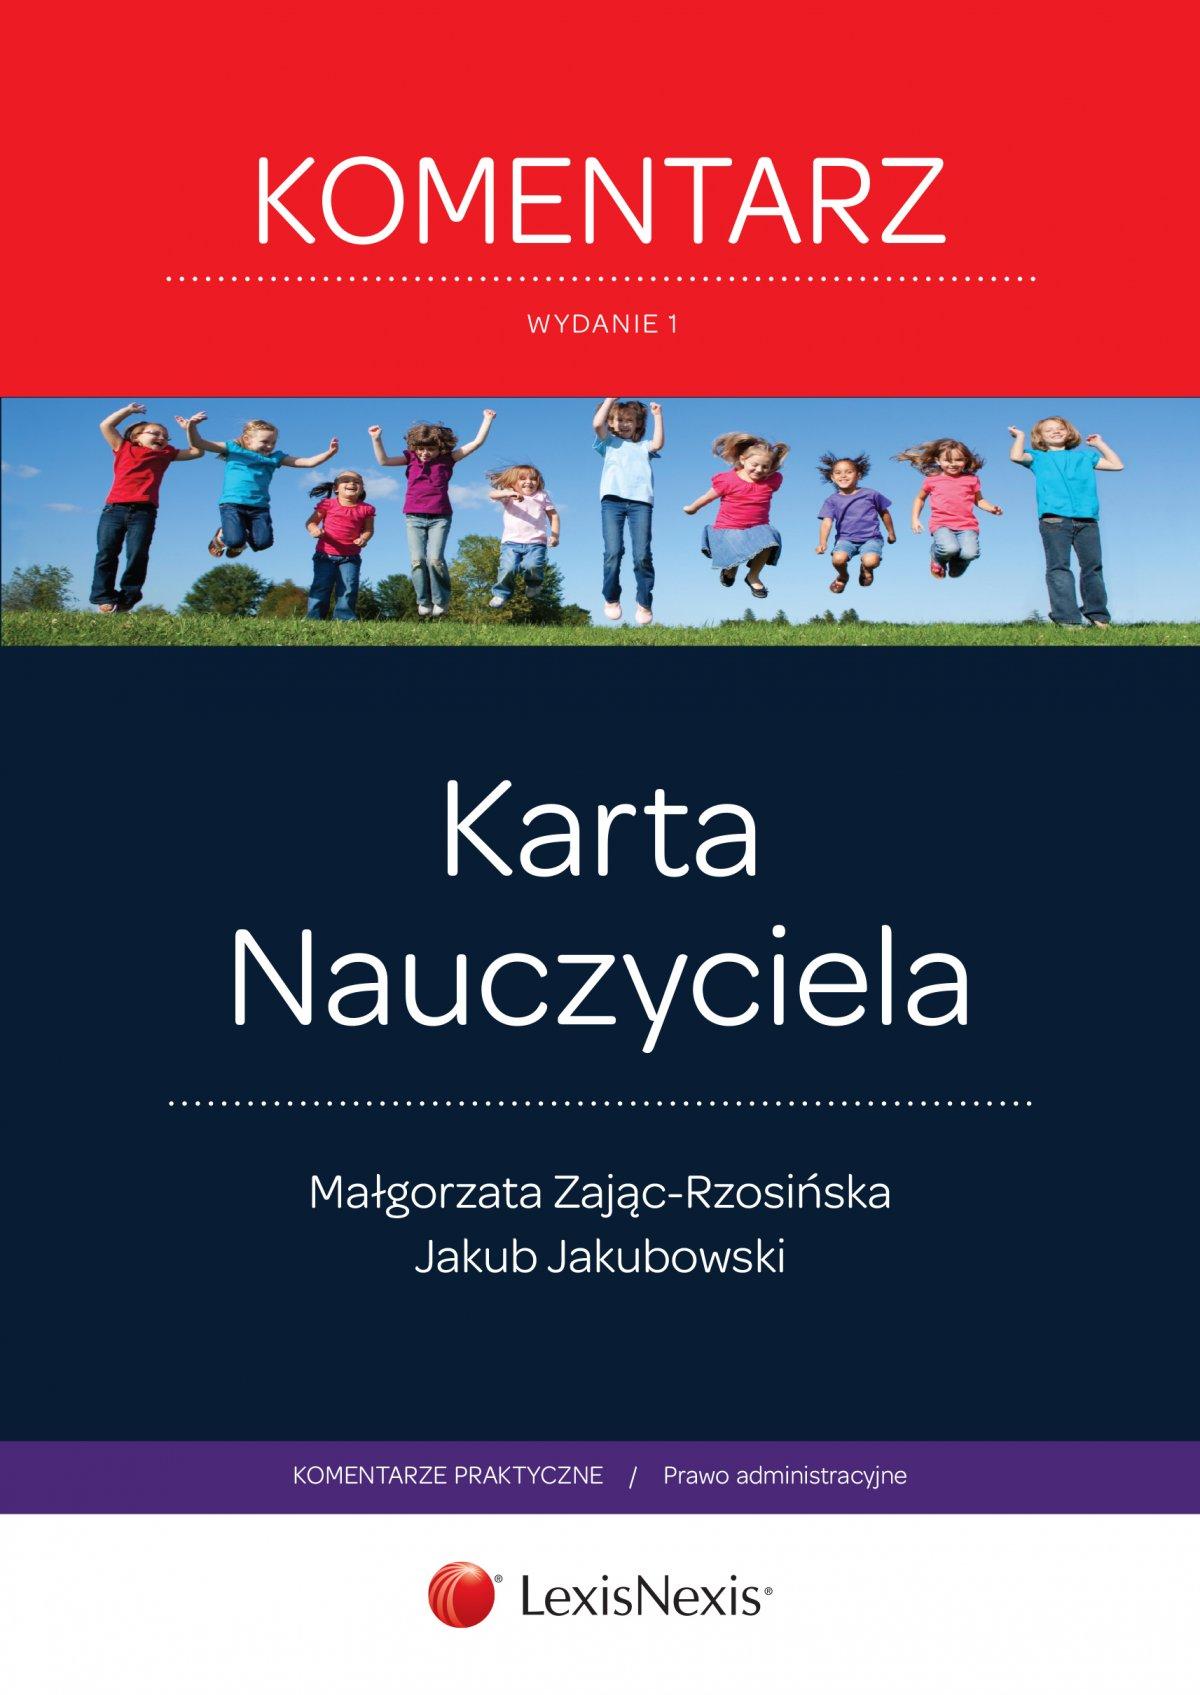 Karta Nauczyciela. Komentarz. Wydanie 1 - Ebook (Książka EPUB) do pobrania w formacie EPUB